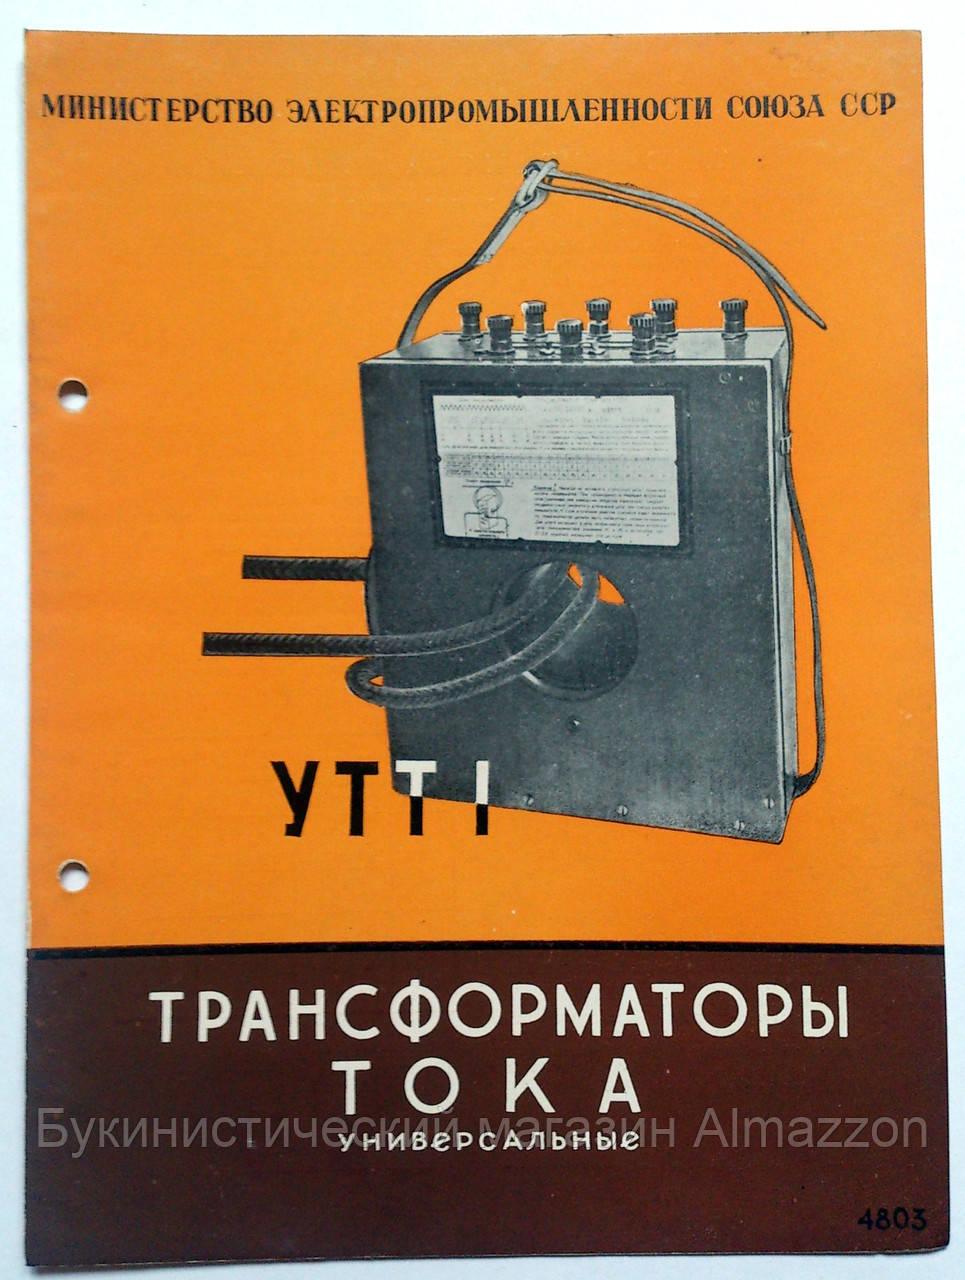 """Журнал (Бюллетень) """"Трансформаторы тока универсальные УТТ-1"""" 1949 год"""